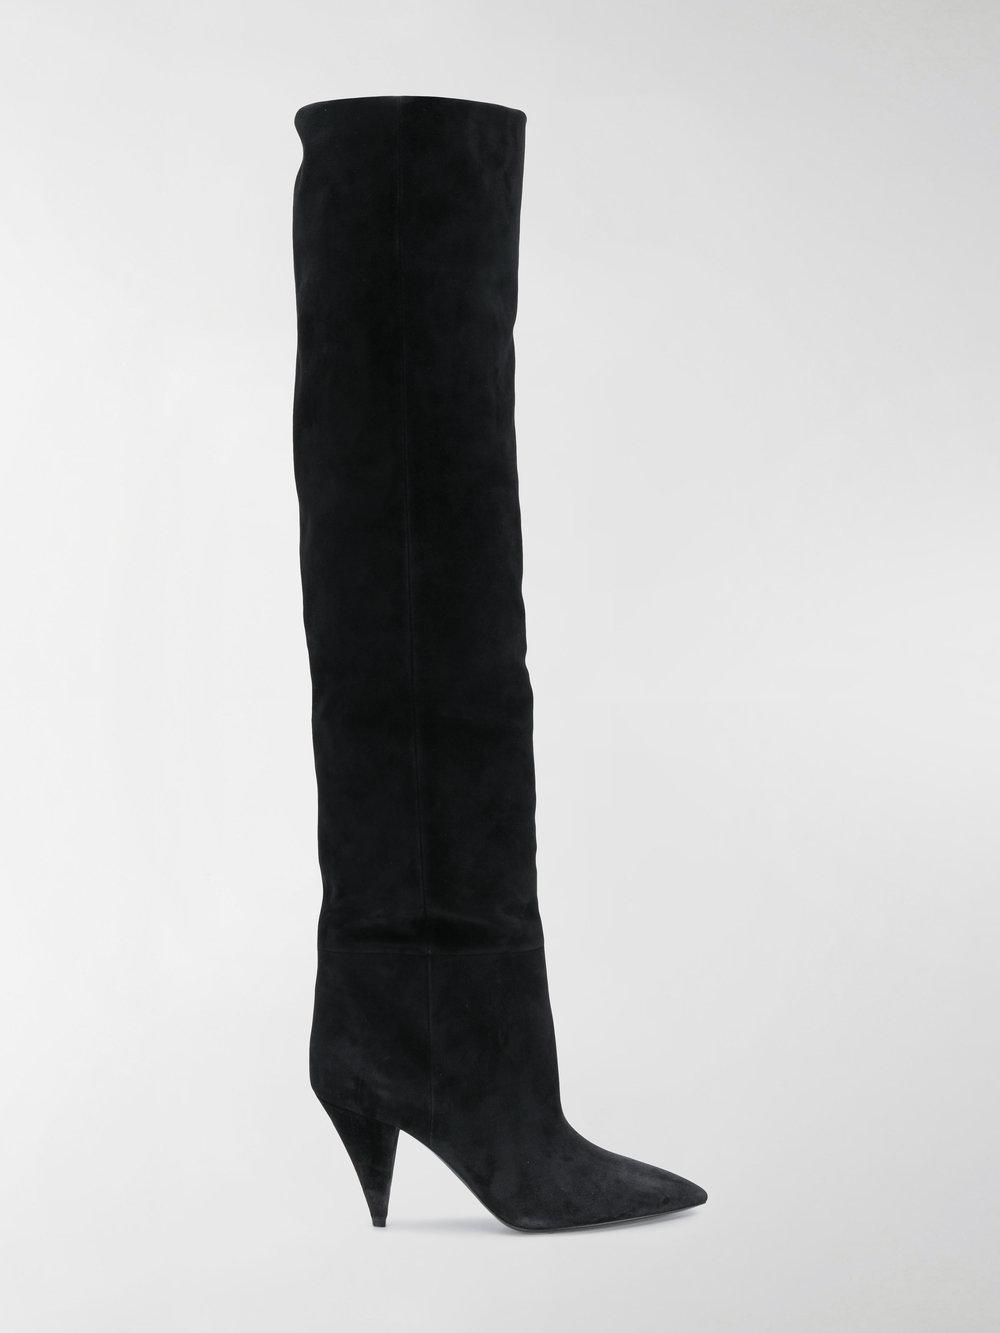 Saint LaurentEra 85 cuissard boots dccnny